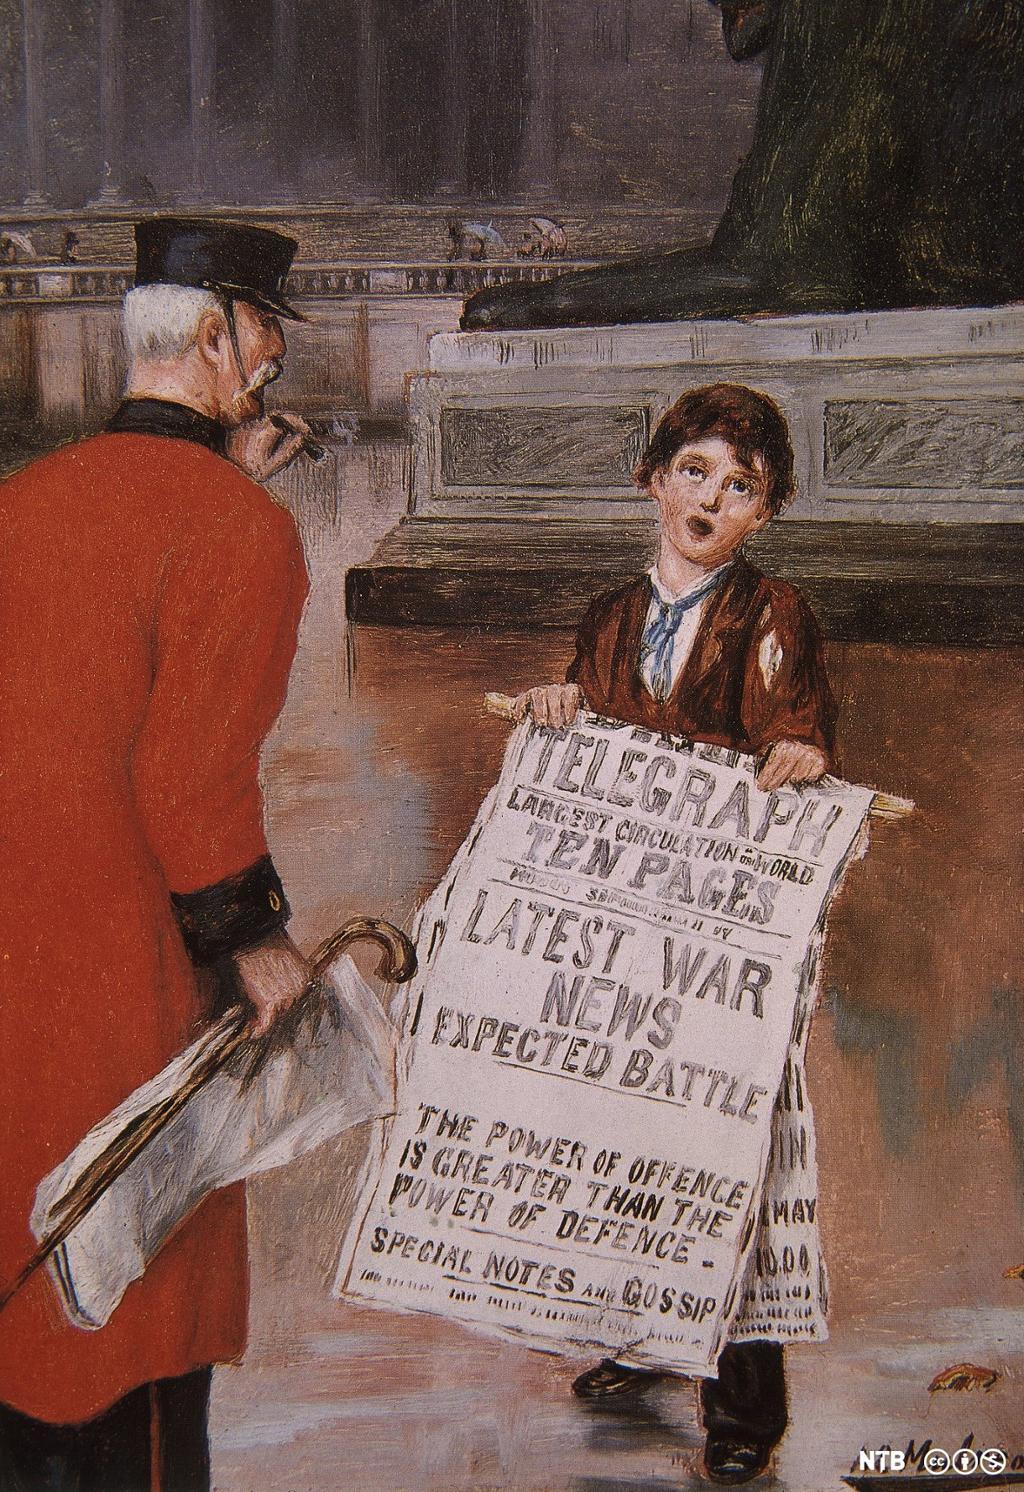 En gutt med plakat som reklamerer for avisen The Daily Telegraph. Maleri.